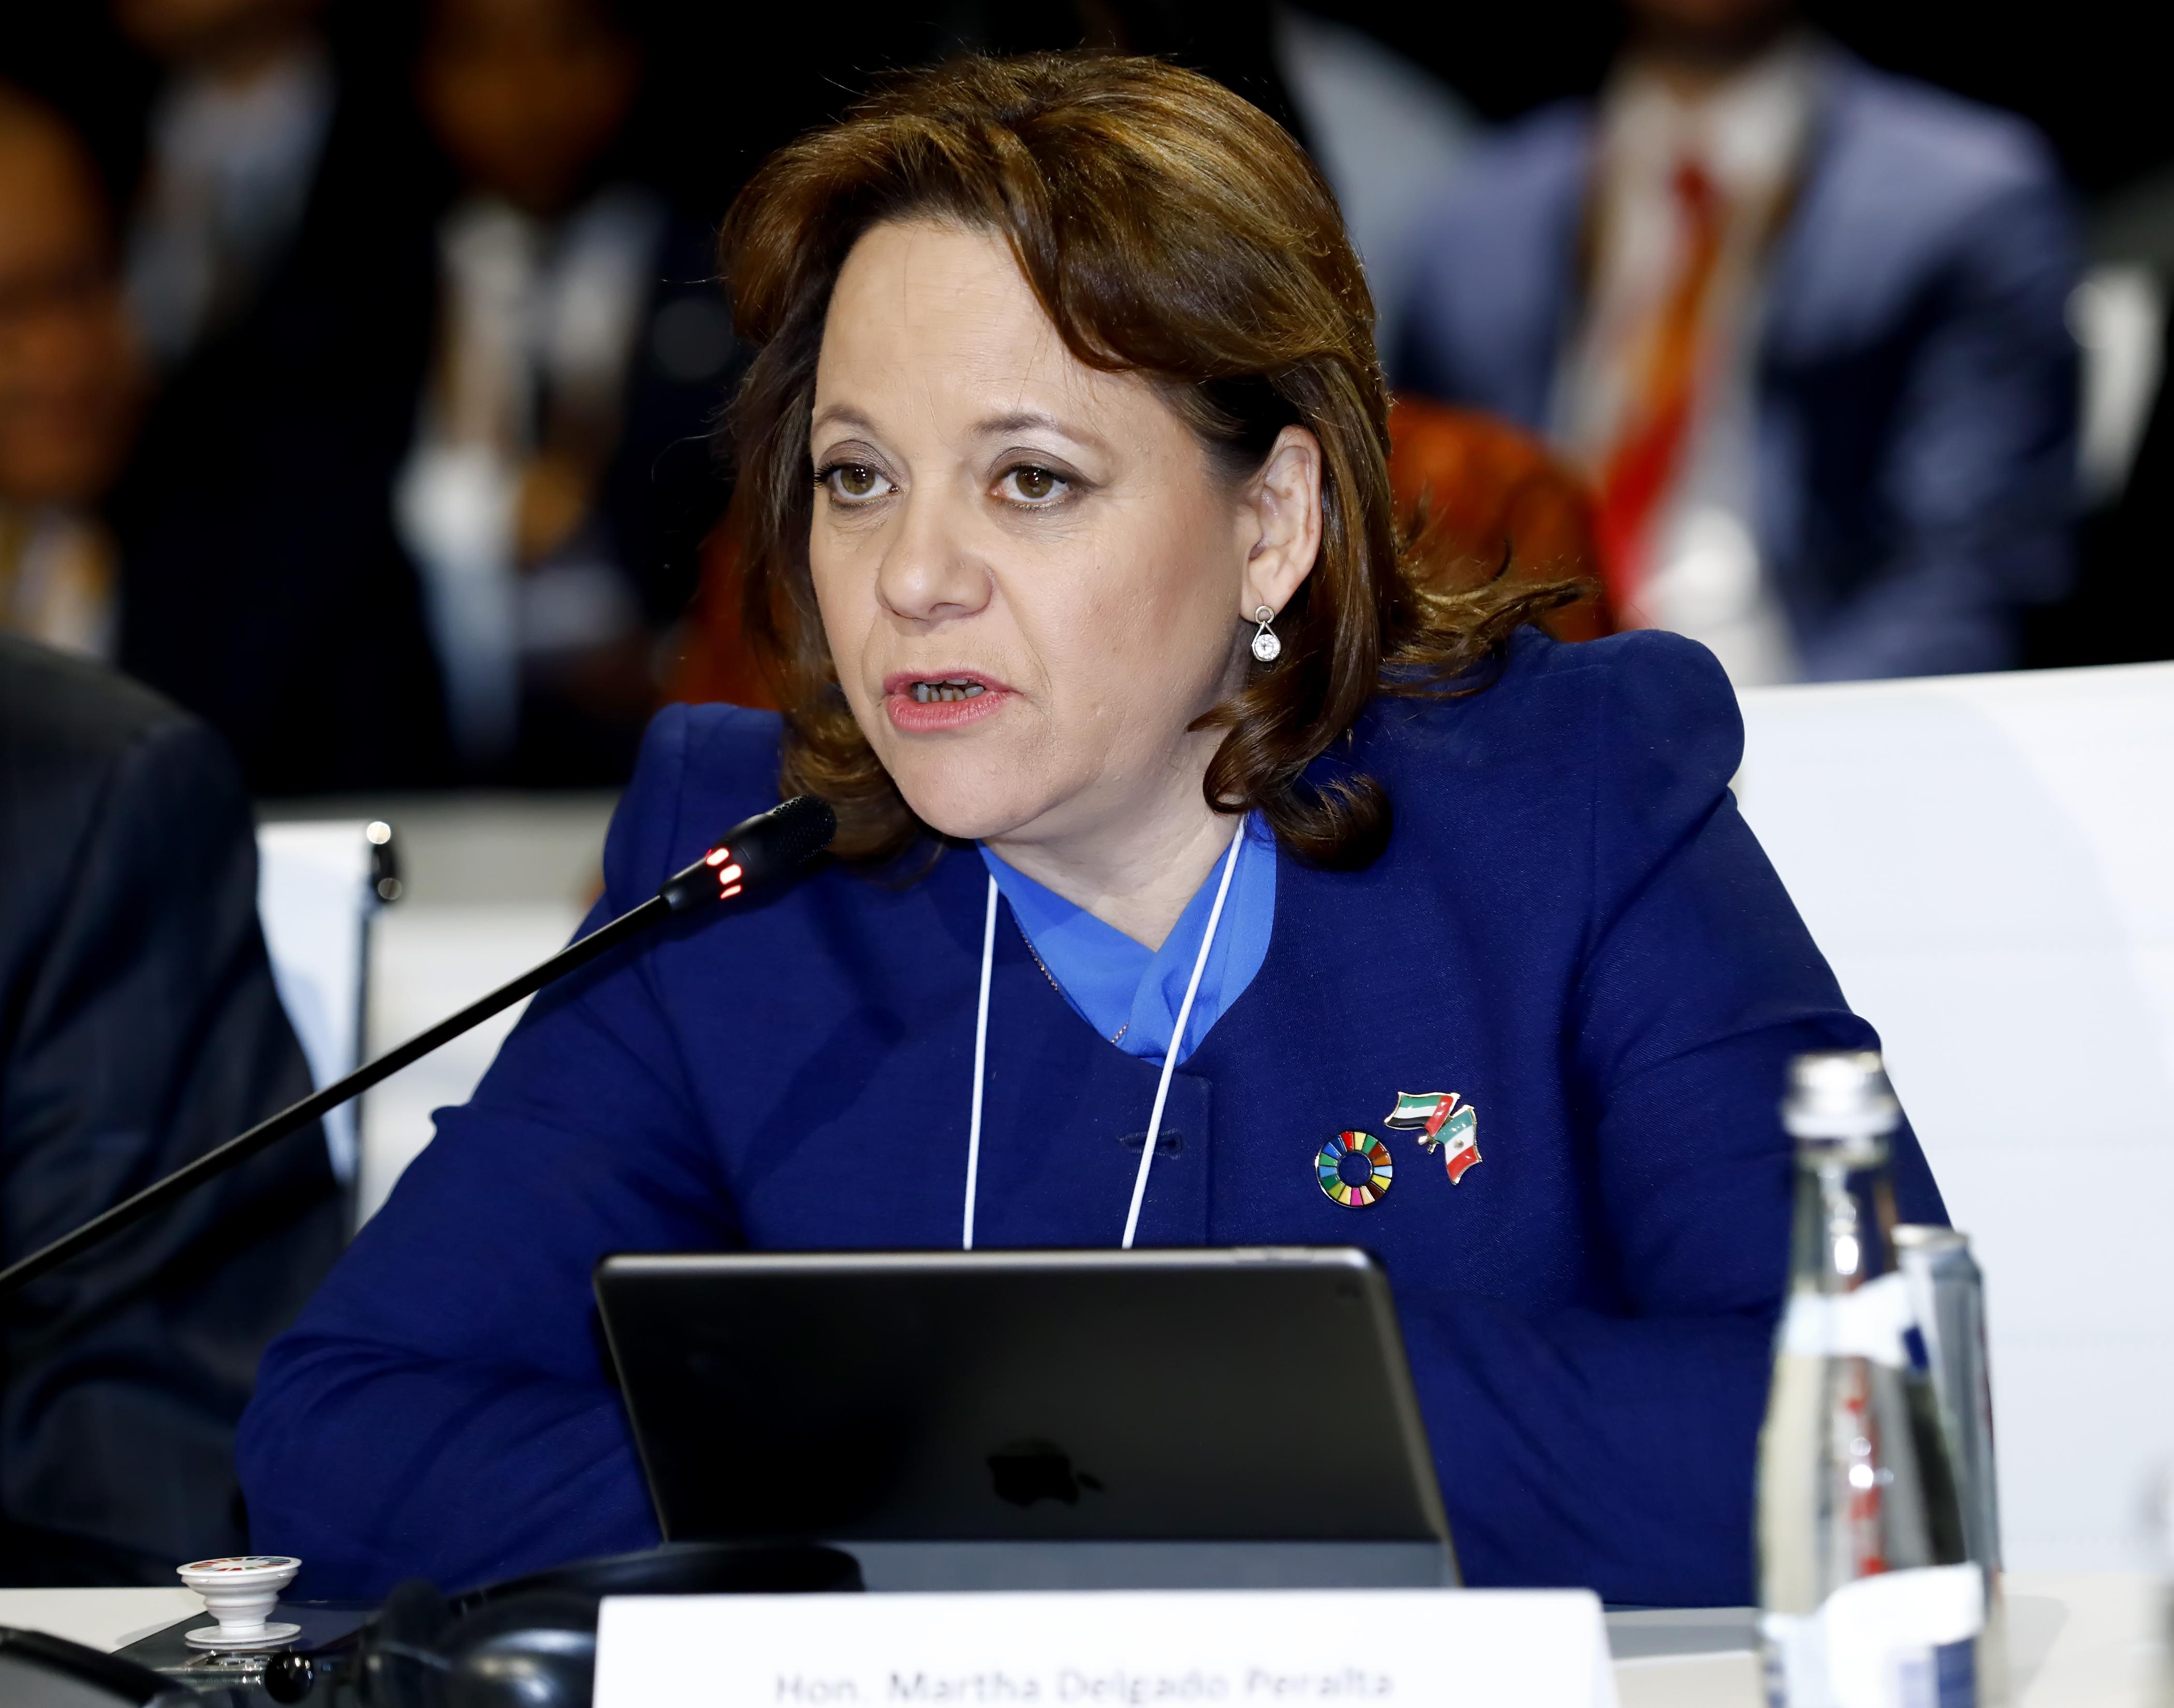 Nueva Agenda Urbana va muy desigual en el territorio latinoamericano: Martha Delgado